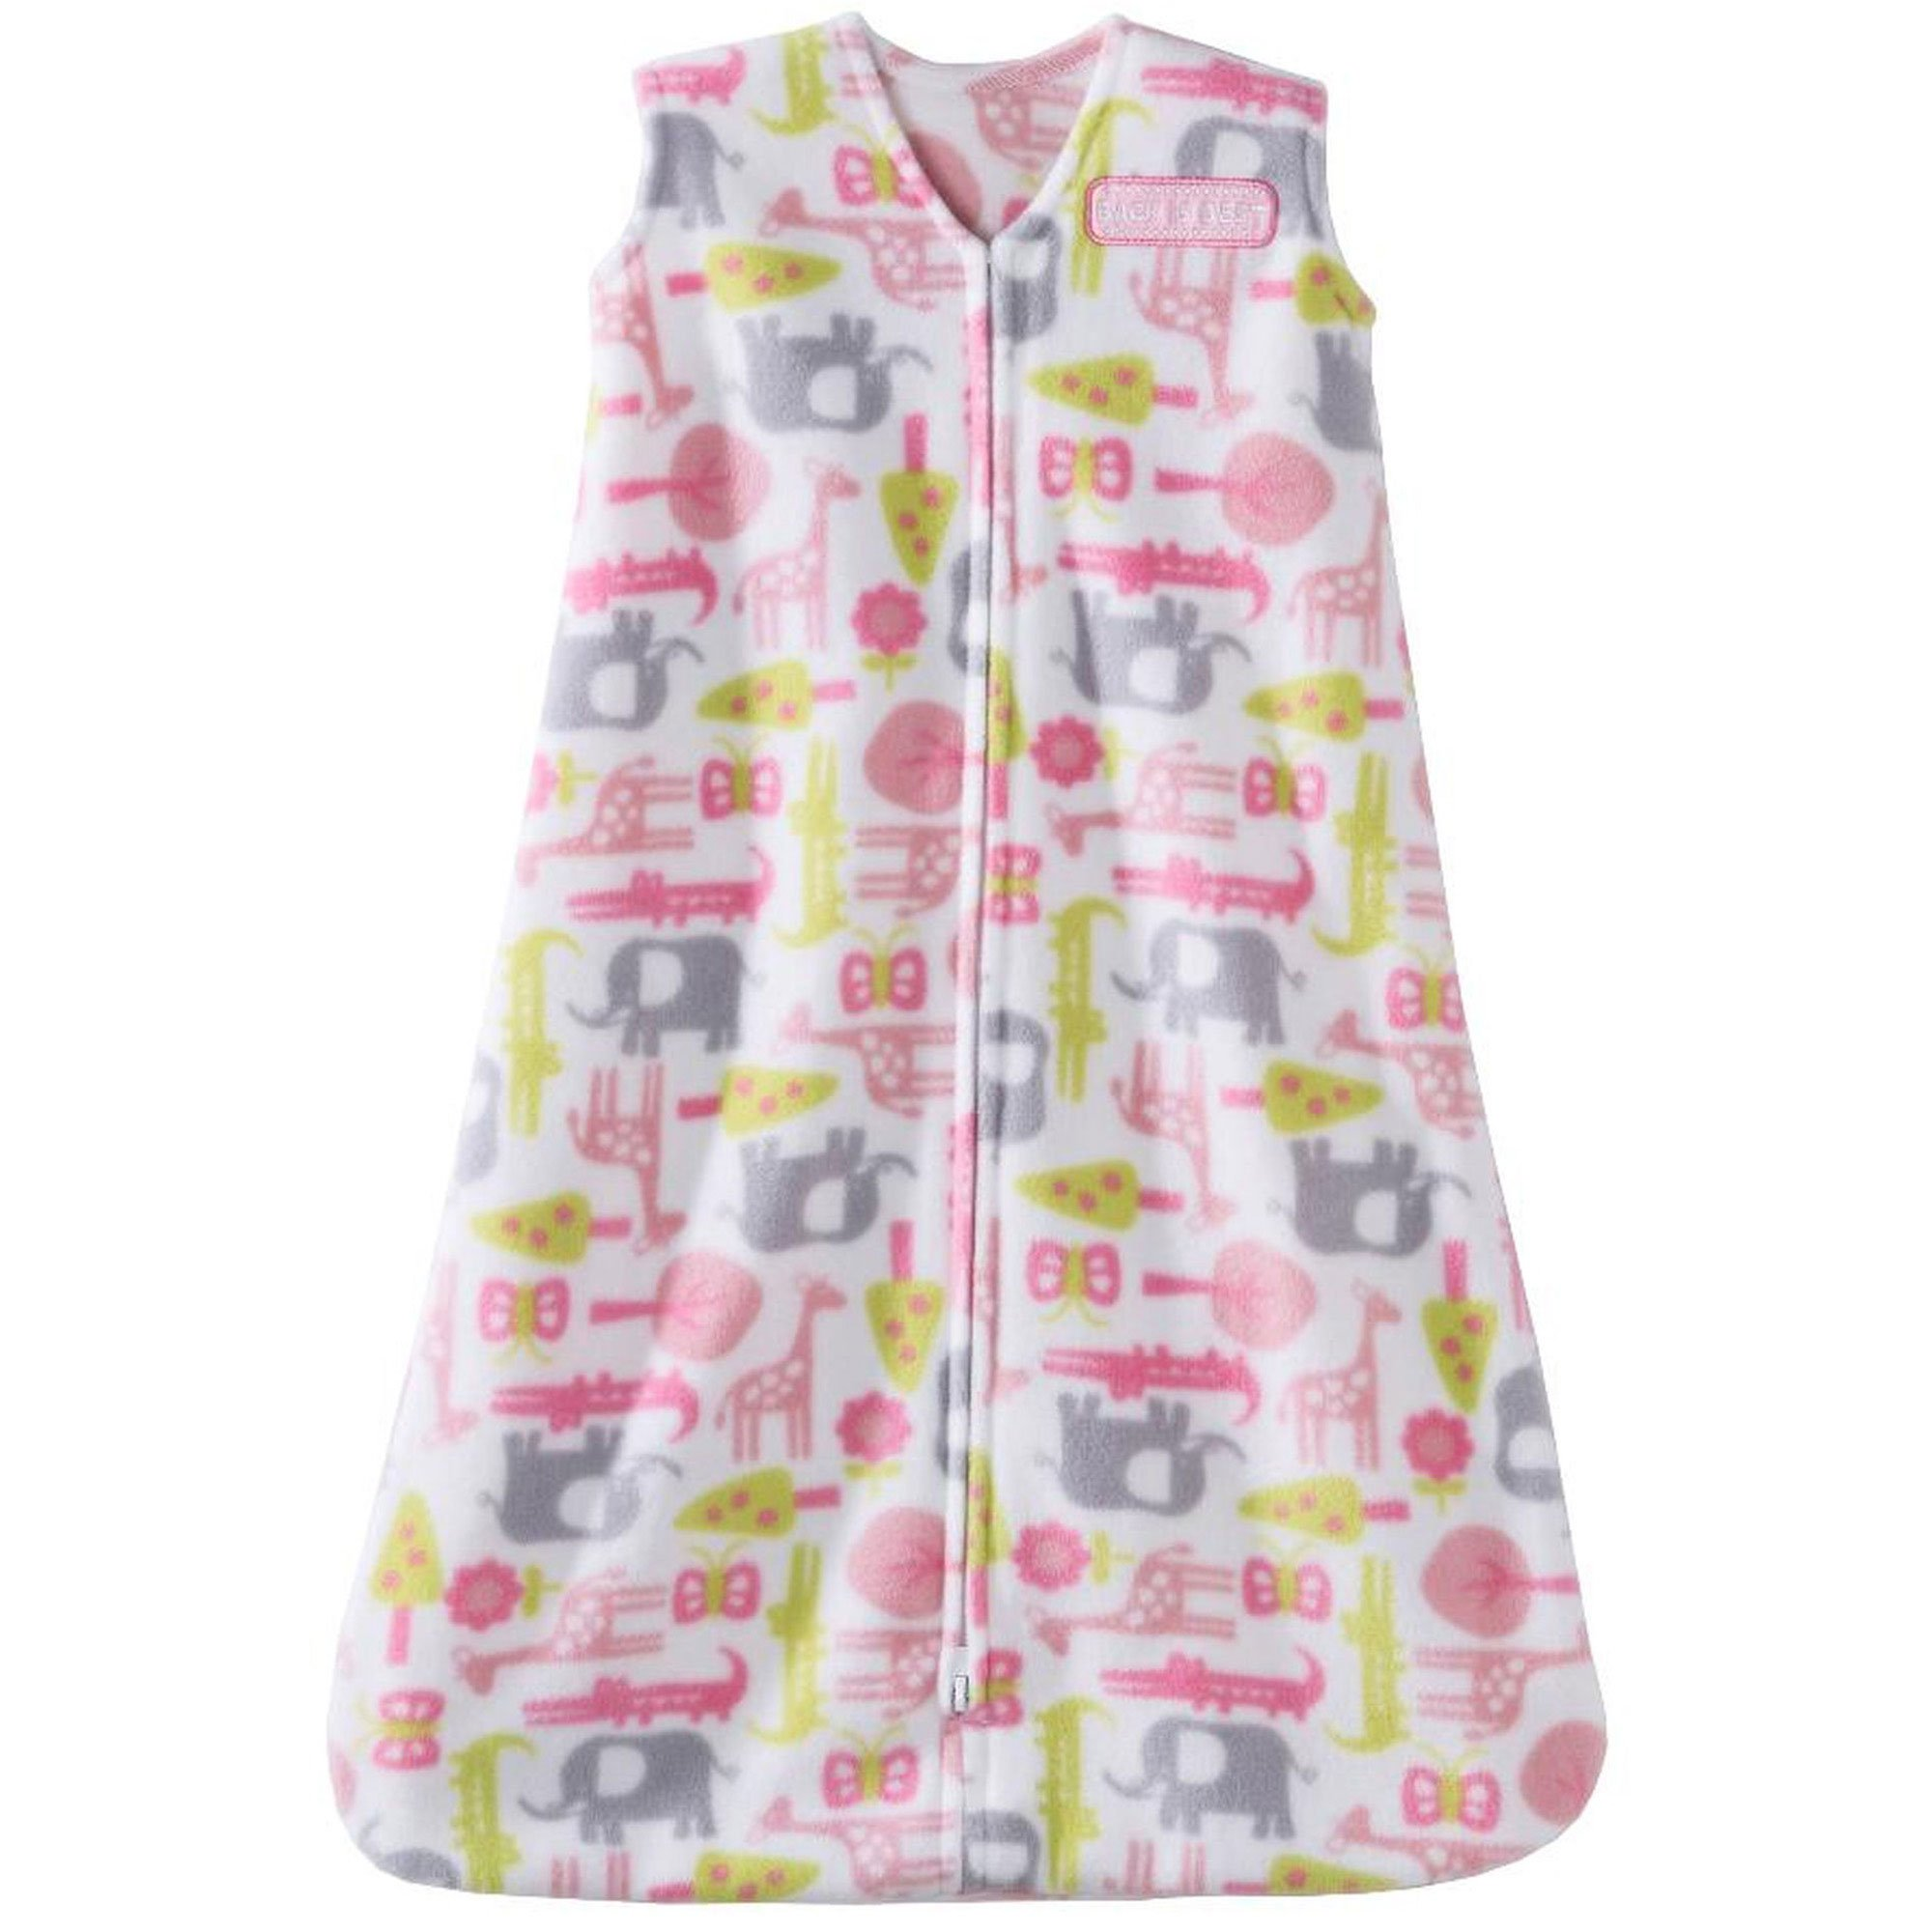 Halo SleepSack Microfleece Wearable Blanket, Pink Jungle, Size Large